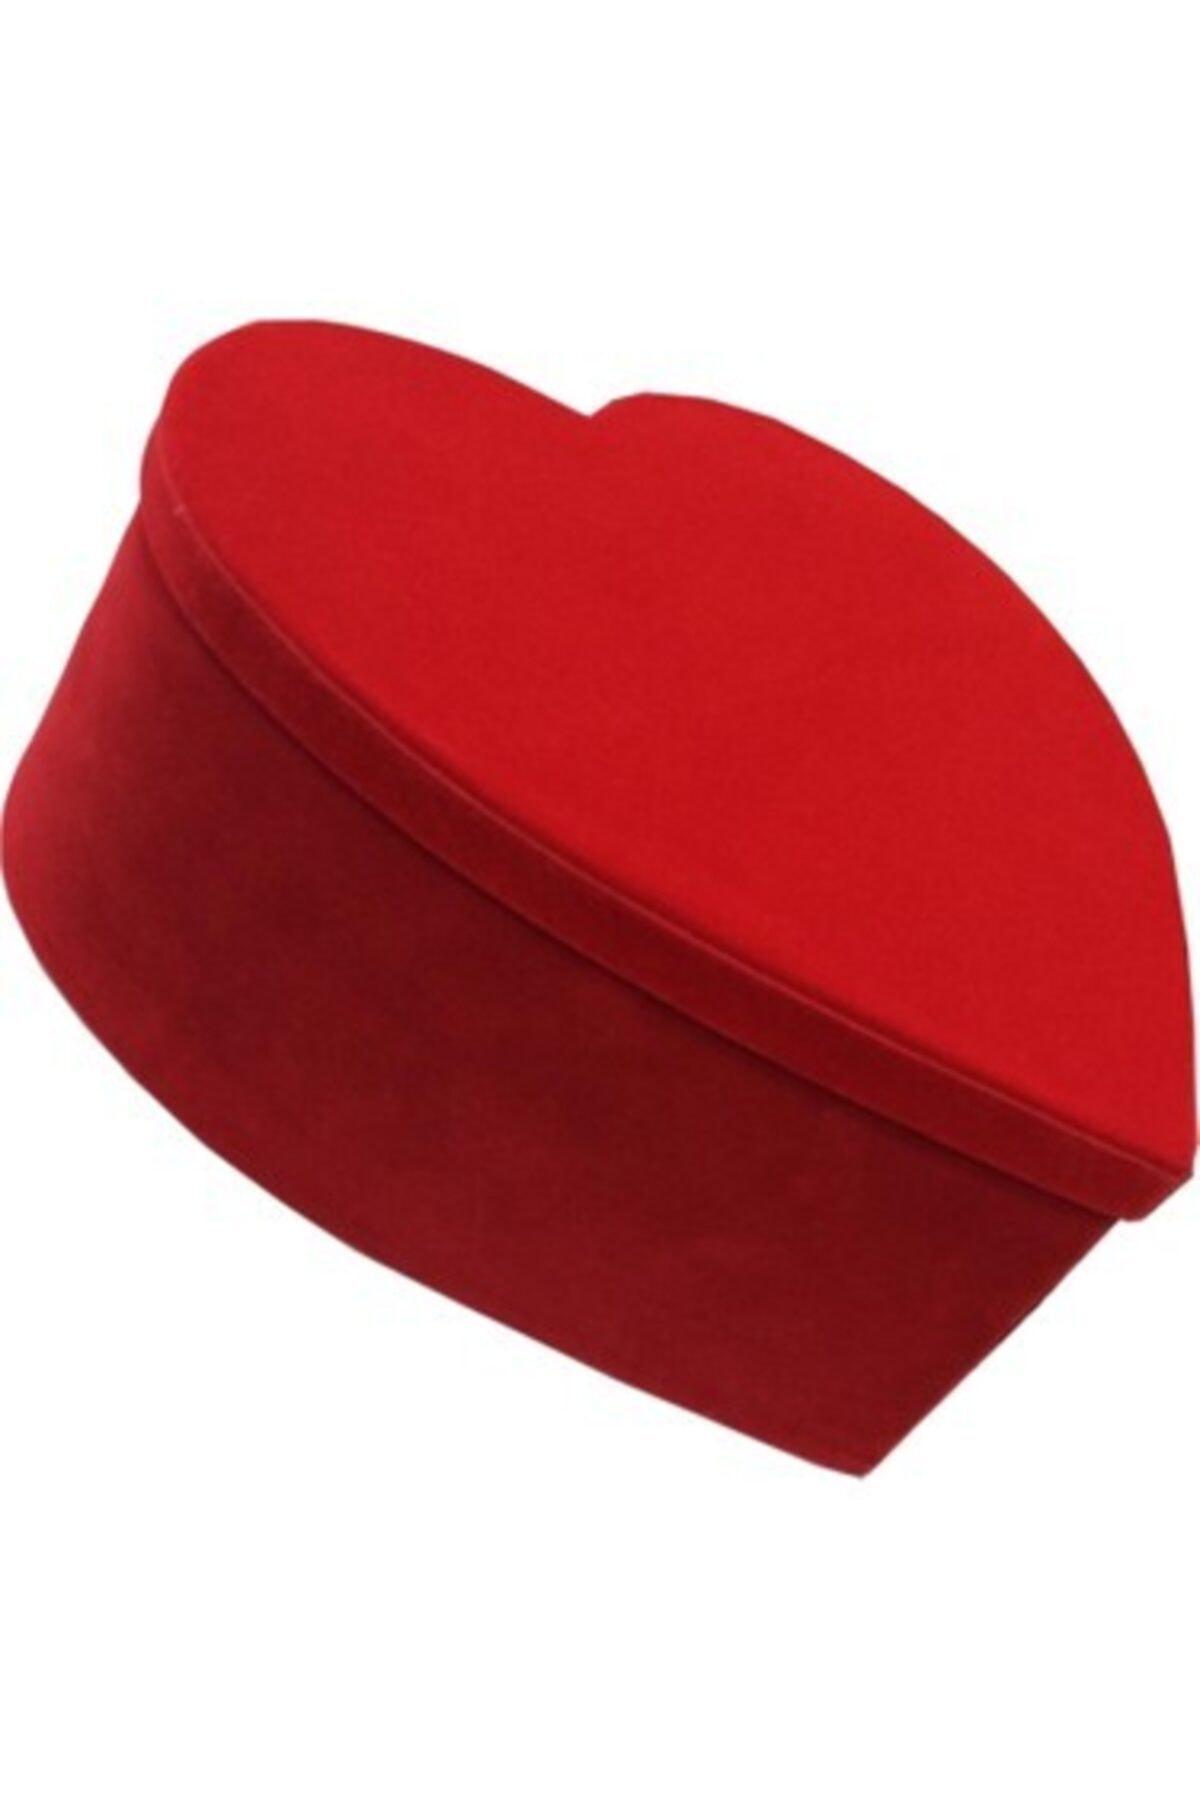 trendfm Hediye Kutusu Kadife Jumbo Boy Kırmızı Kalpli 1